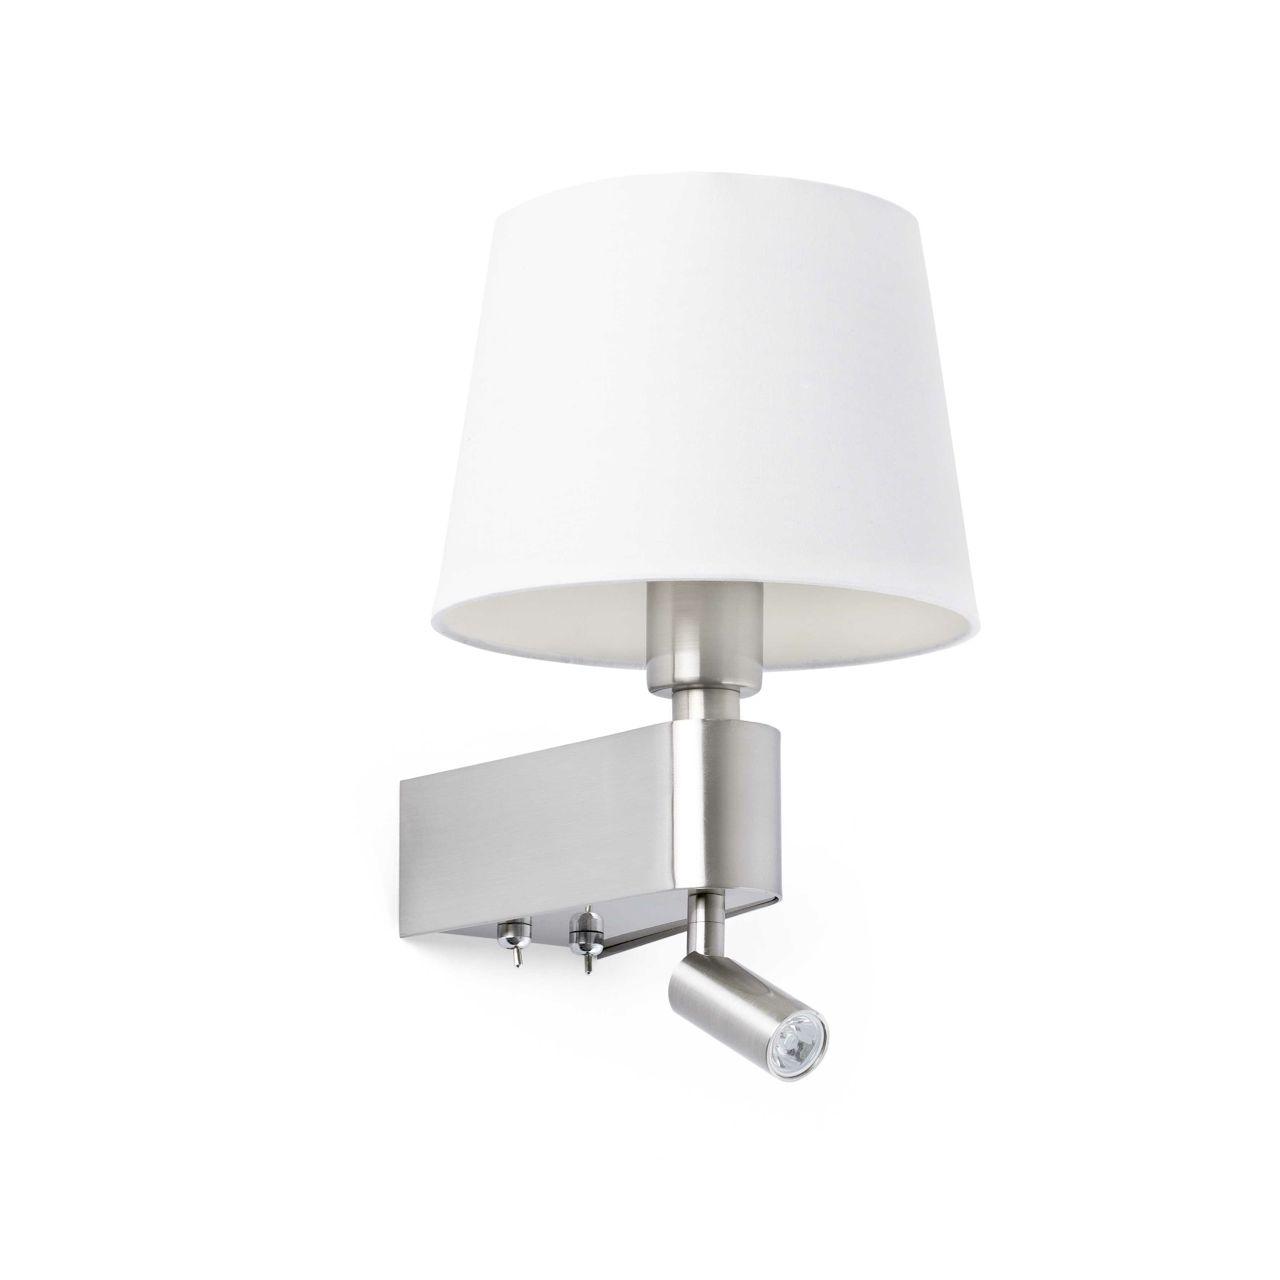 Comprar apliques de pared para habitaciones con led blog - Iluminacion apliques de pared ...